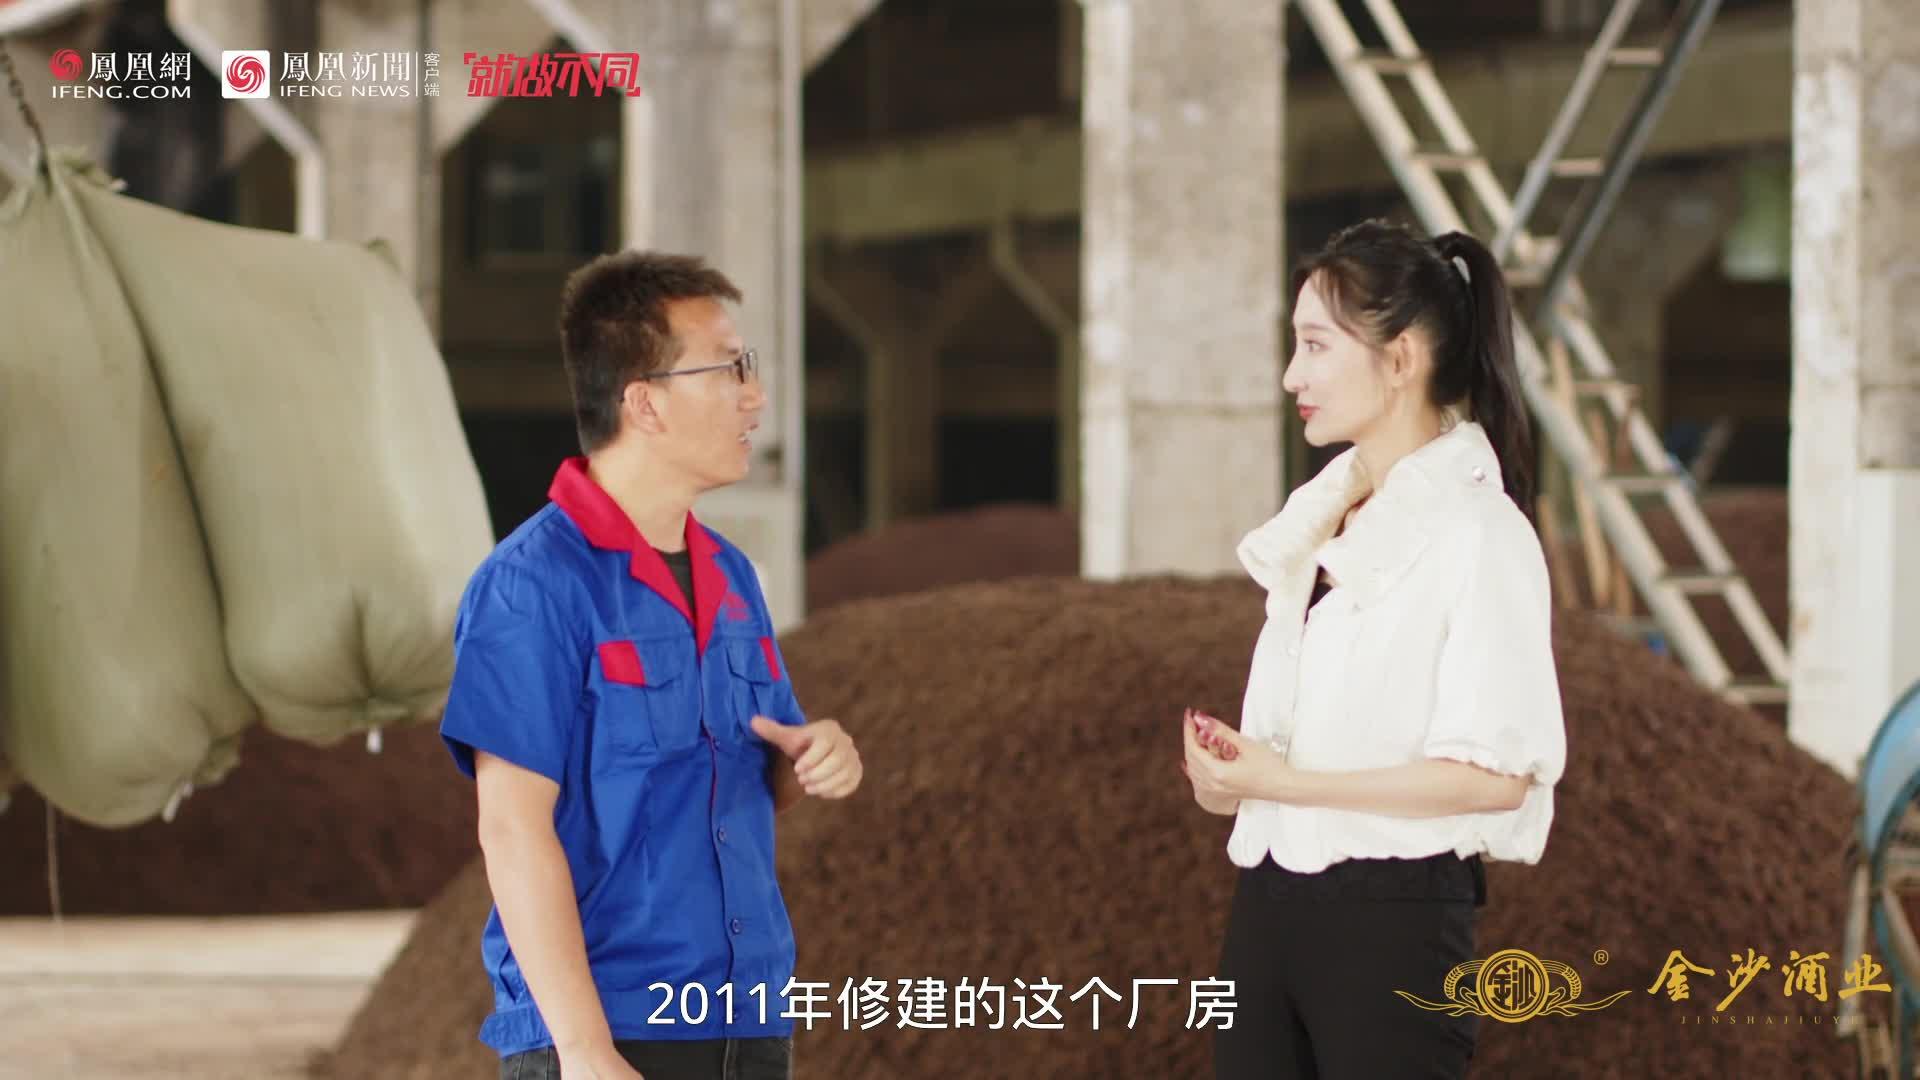 云探工厂:金沙酒业传承千年回沙工艺,酿造高品质酱香白酒